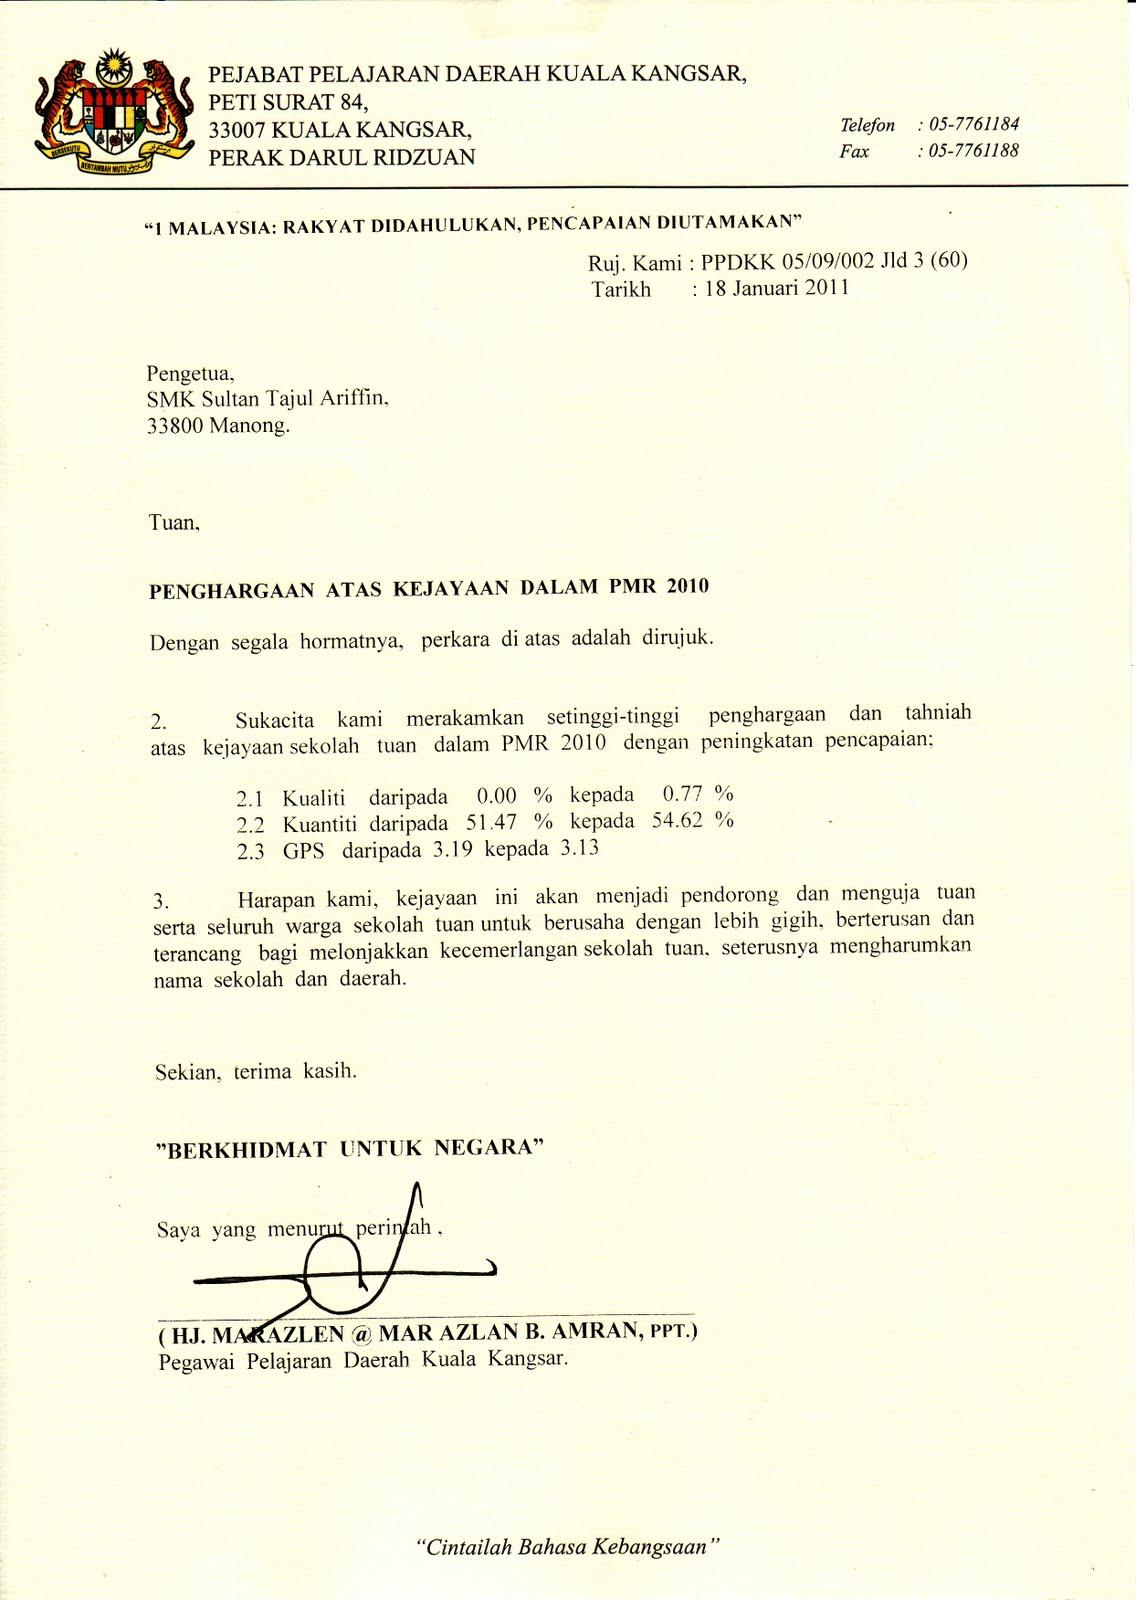 Contoh Artikel Pelayanan Prima Icefilmsinfo Globolister Pin Surat Dinas Contoh Yang Benar Artikel Berita Indonesia Pelauts Com